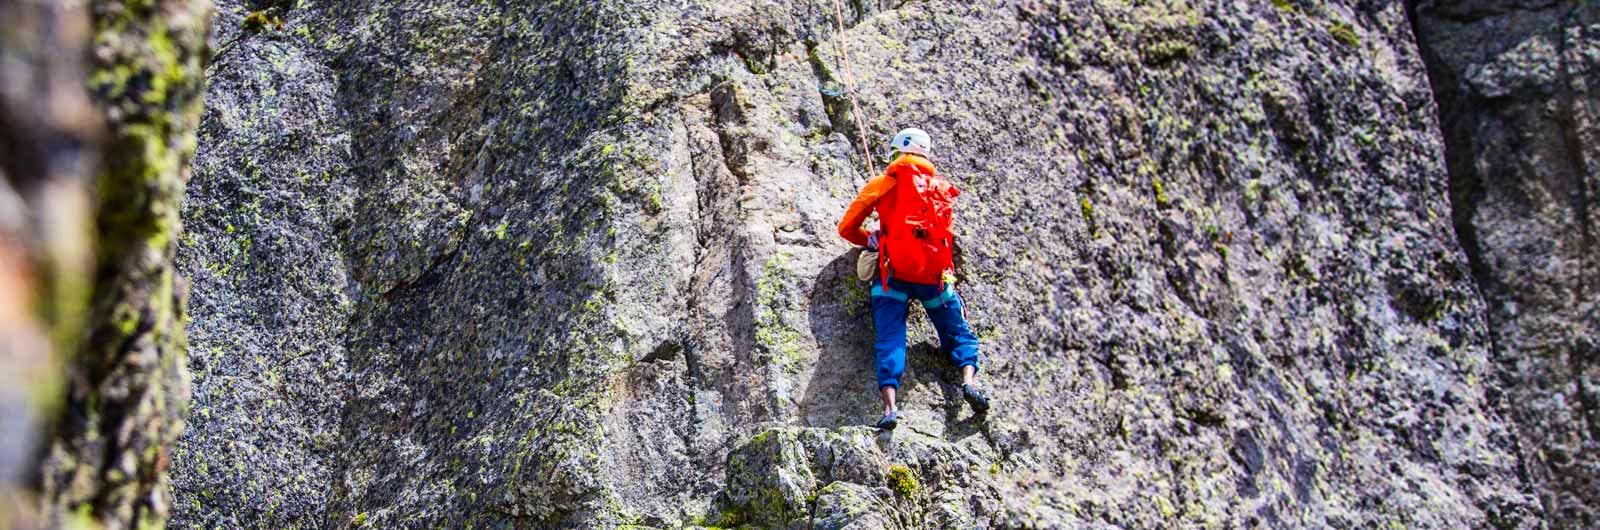 Klättrare på stupbrant bergvägg